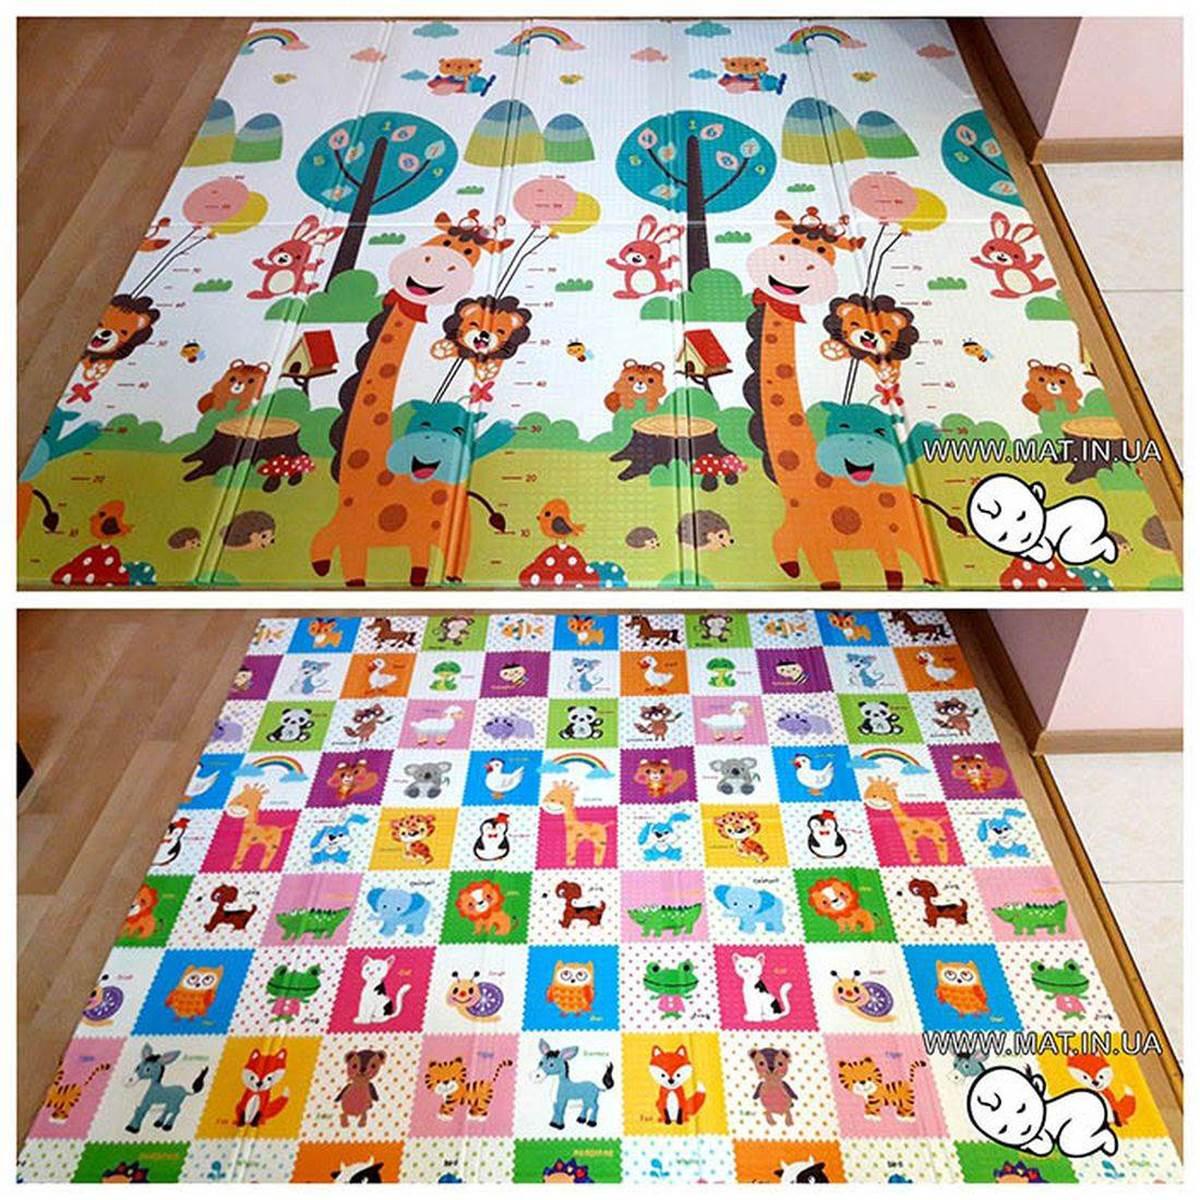 игровой коврик для ребенка Веселый Жираф и Пазлы